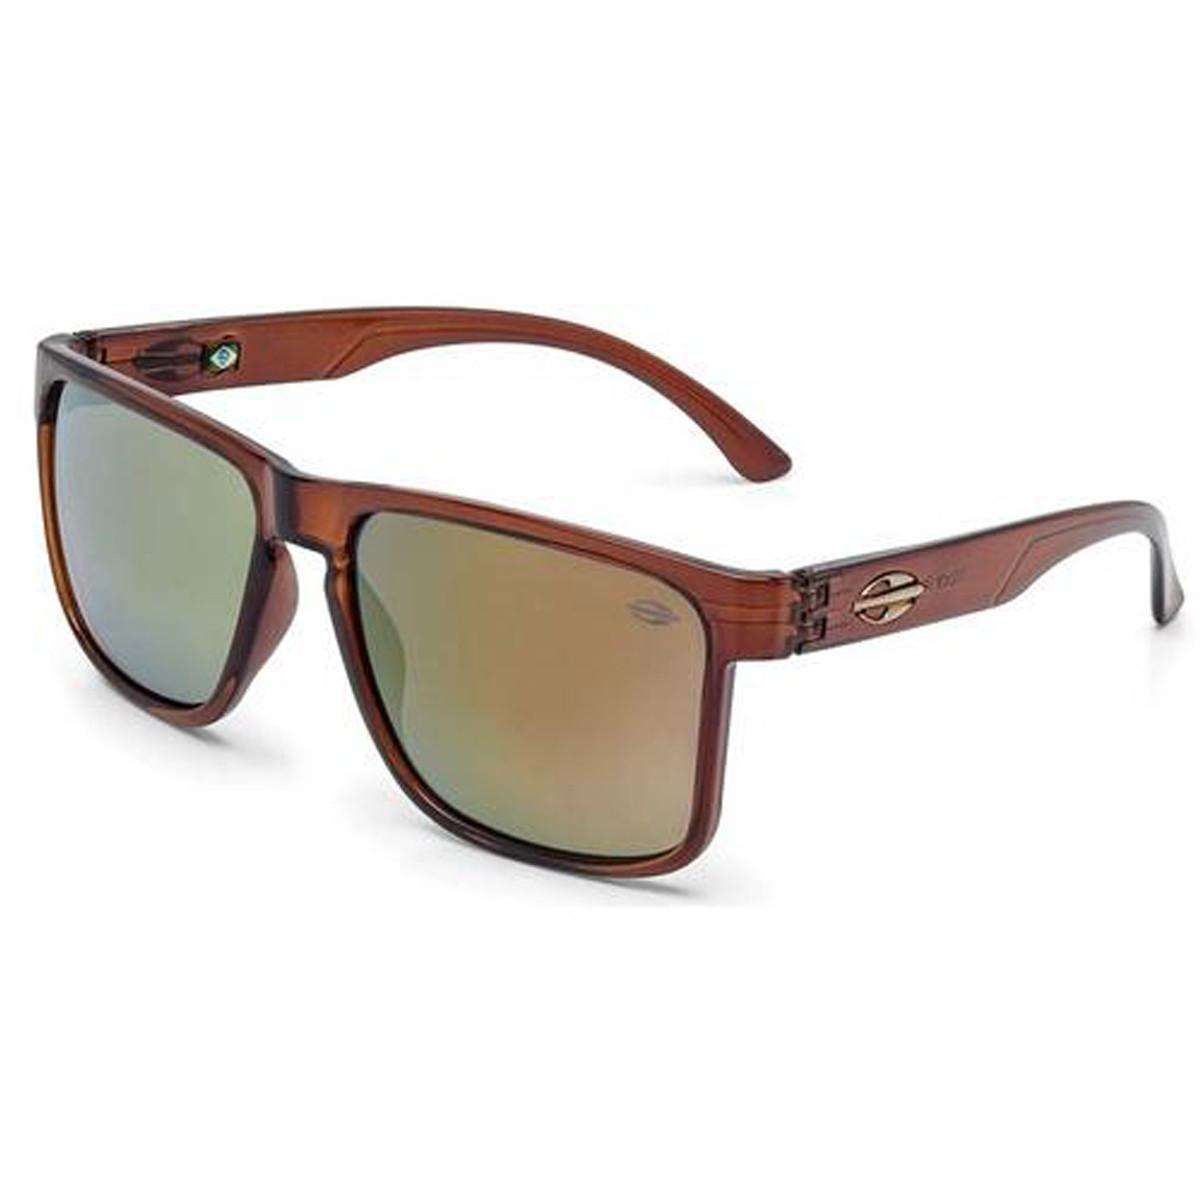 Óculos Mormaii Monterey Marrom Brilho Lente Dourado ref M0029J3996 d9ca6e3dd3